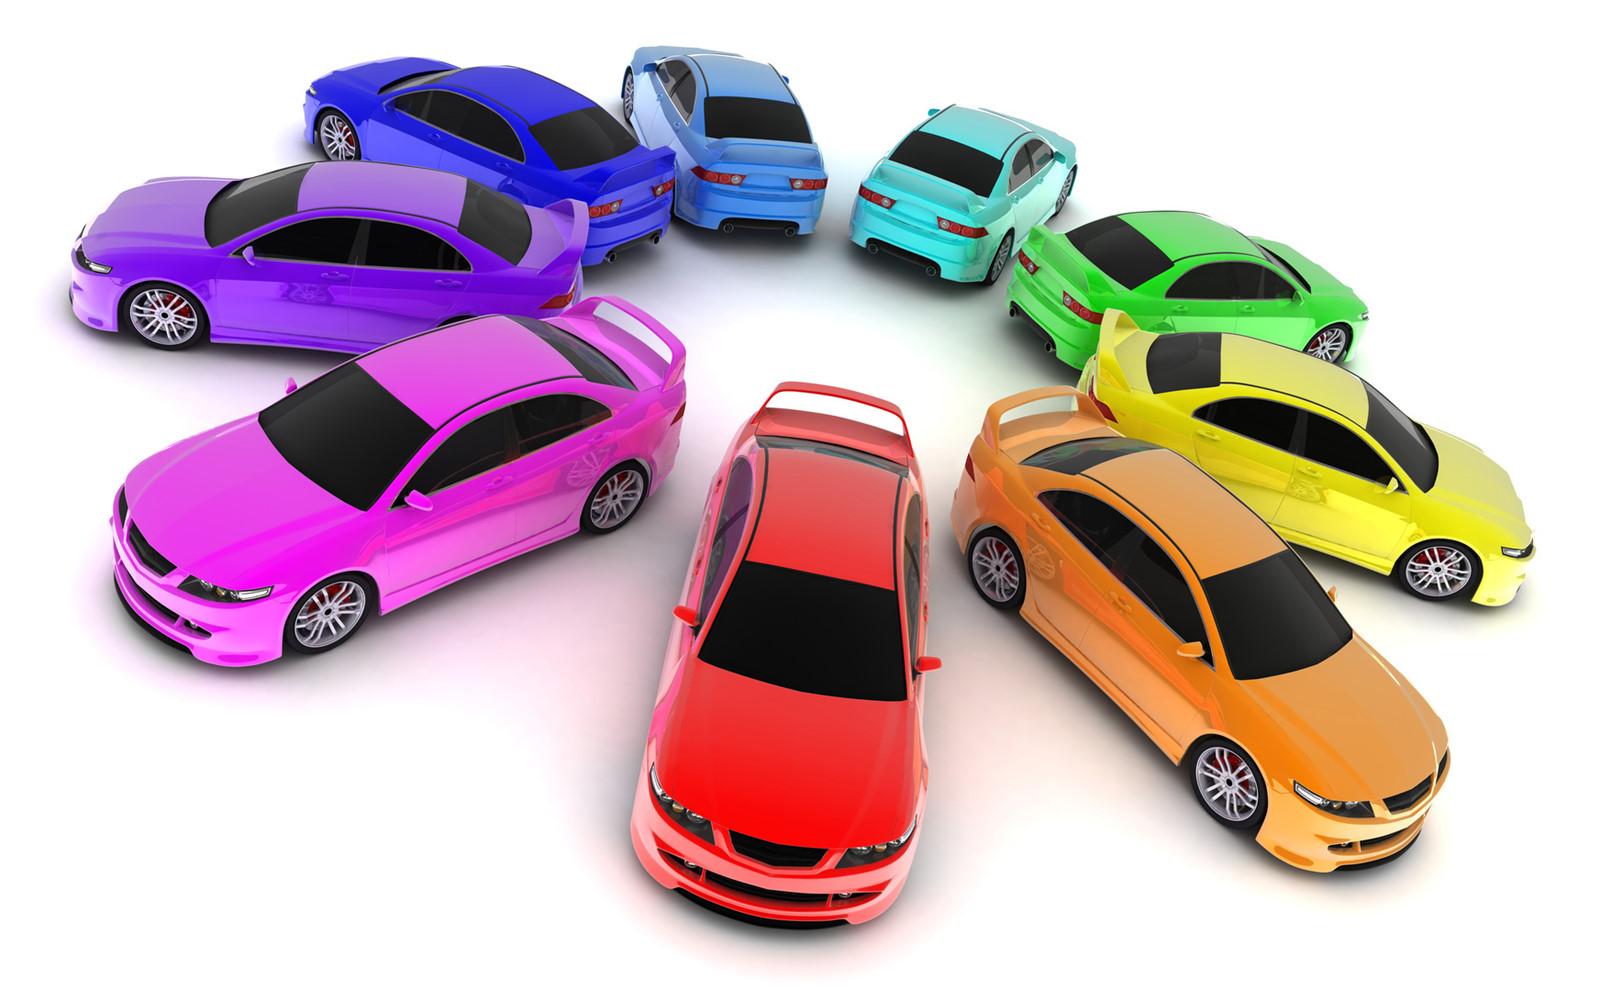 Sau vô lăng - Mách bạn cách chọn màu xe ô tô theo phong thủy để gặp nhiều may mắn